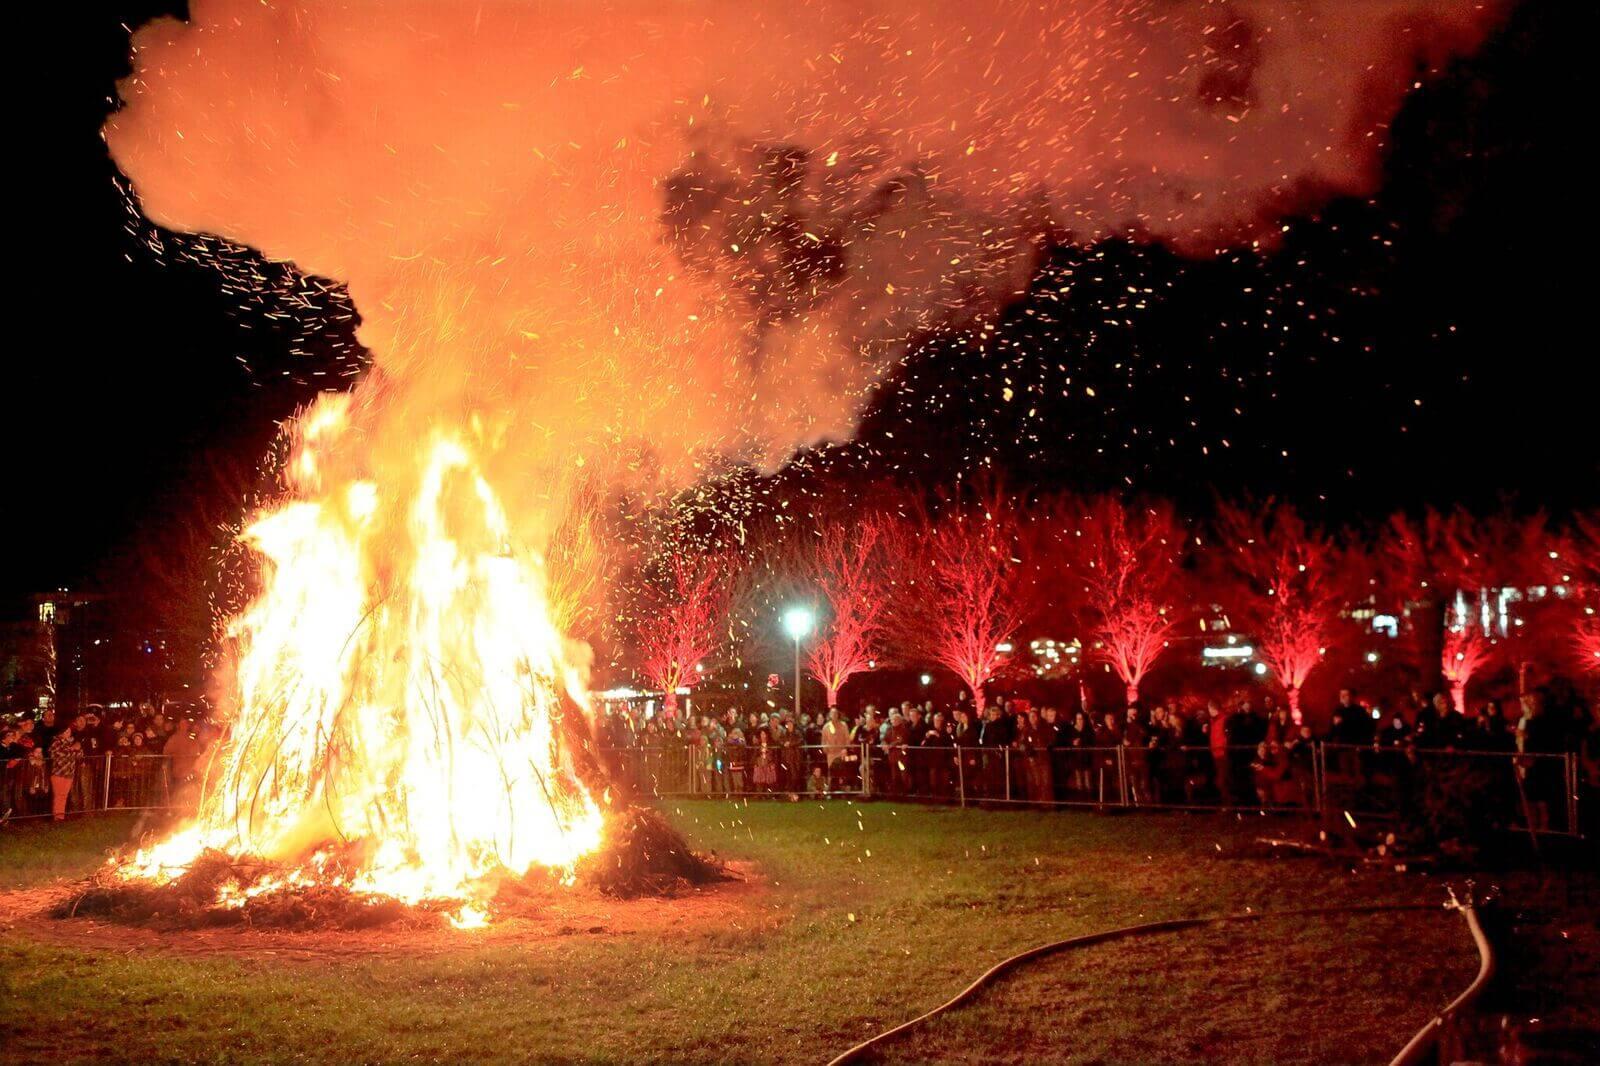 Feuerspektakel, Walpurgisnacht 2017 in Hahnenklee